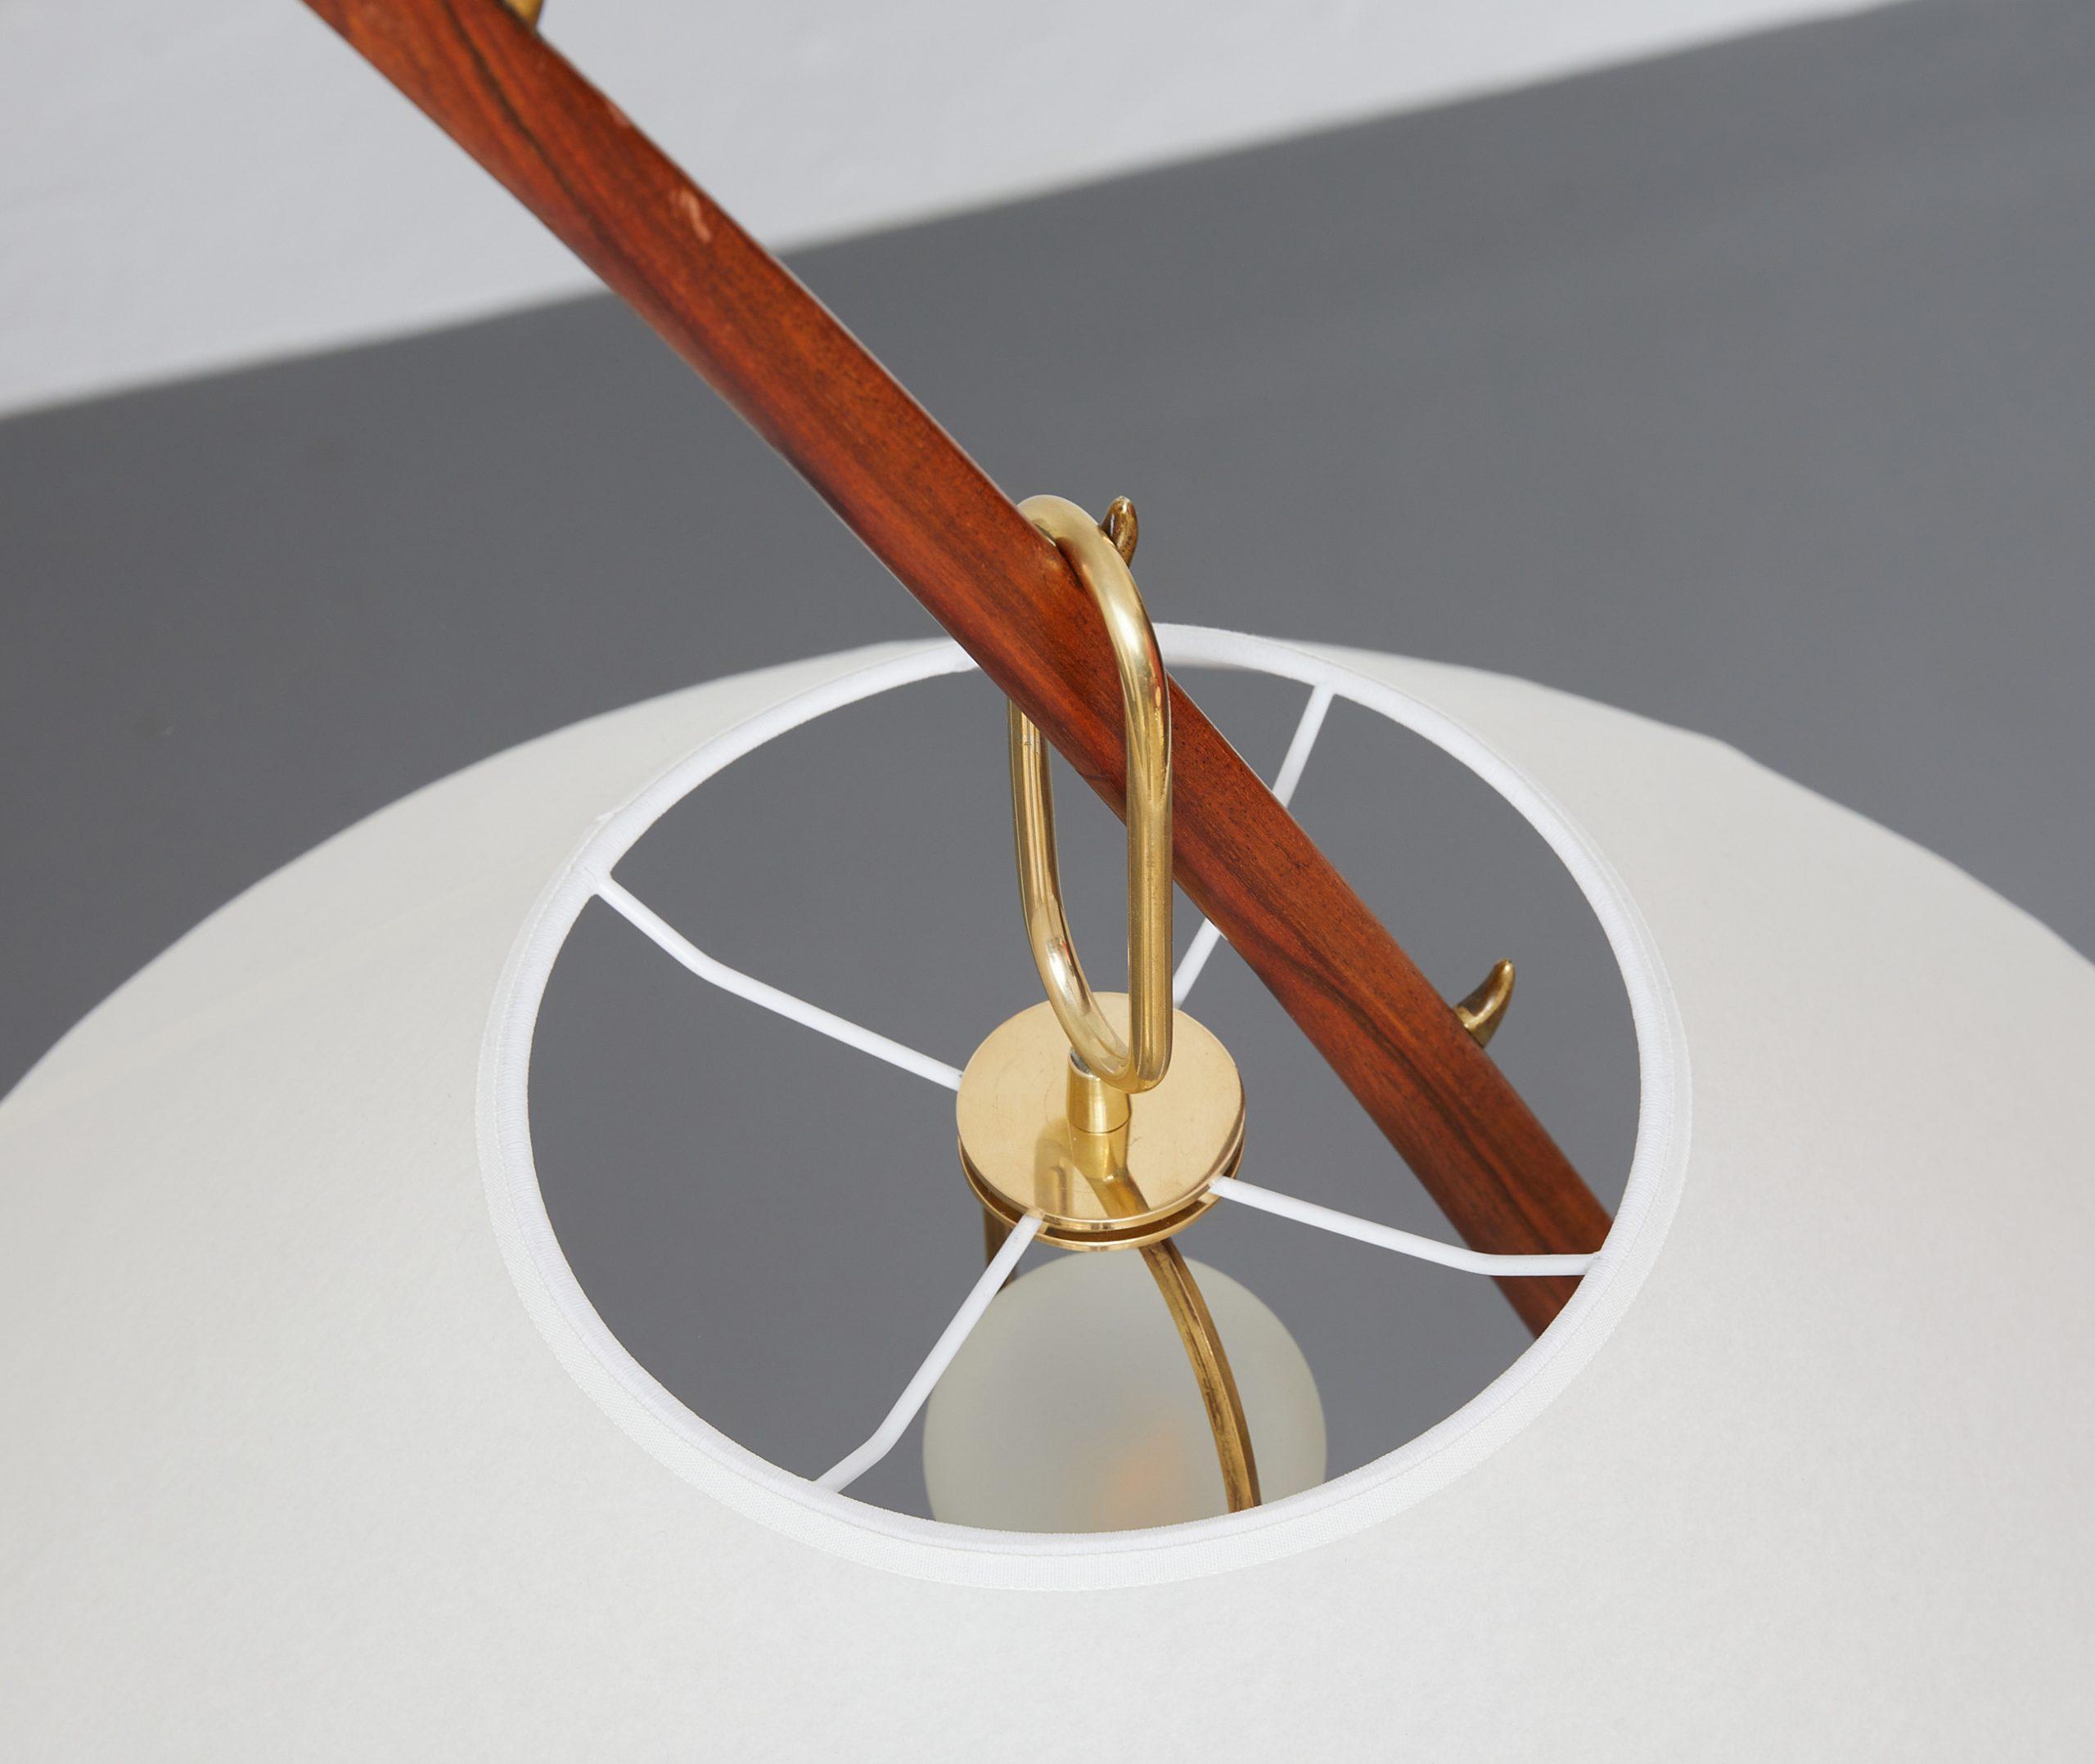 model-2076-ordornstab-floor-lamp-in-teak-and-brass-by-j-t-kalmar-1950-image-07